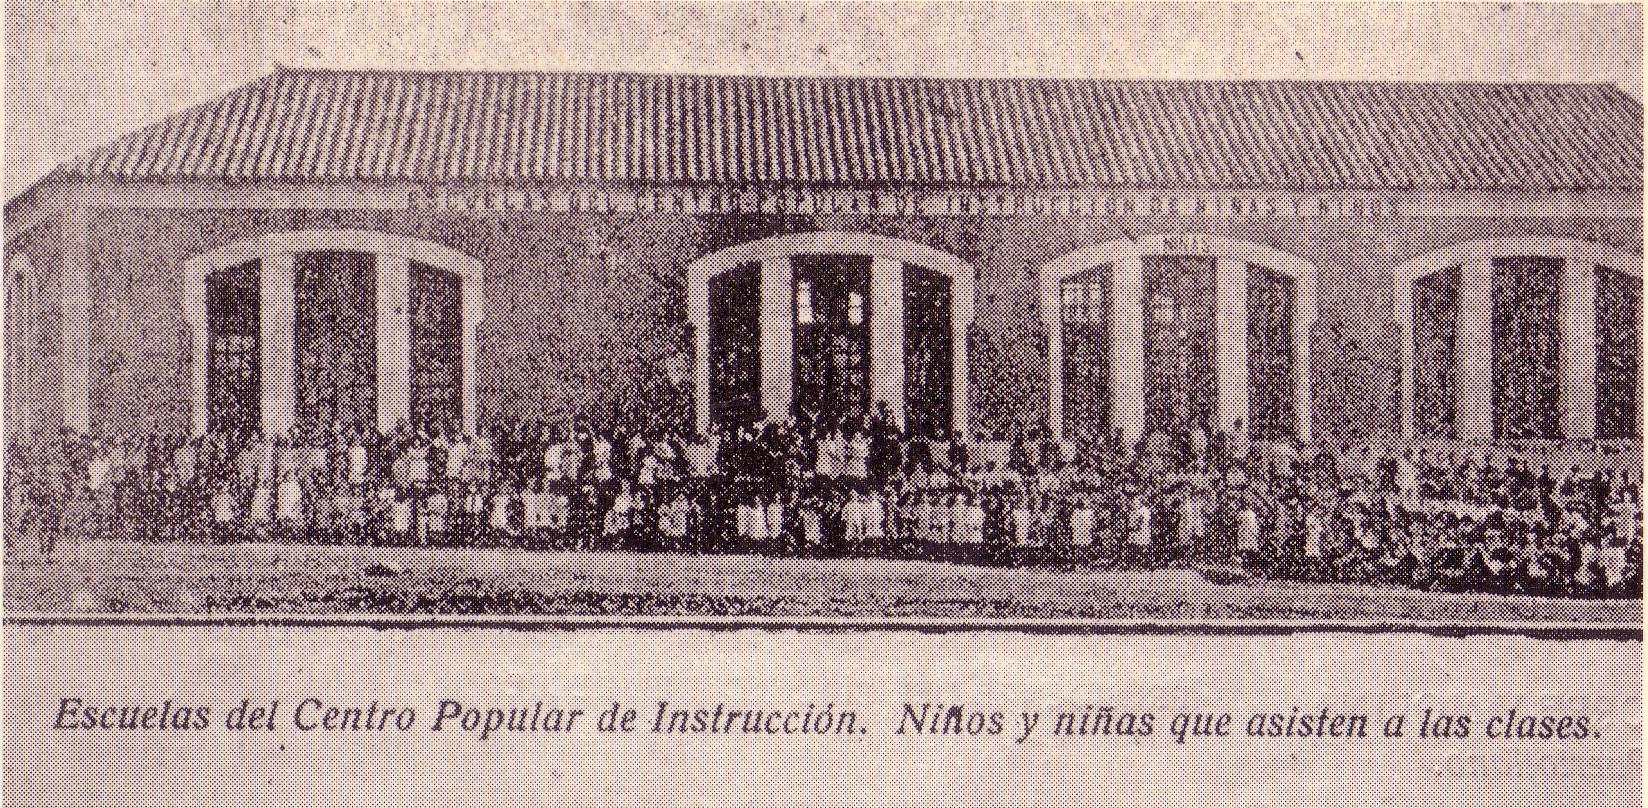 Escuelas del Centro Popular de Instrucción